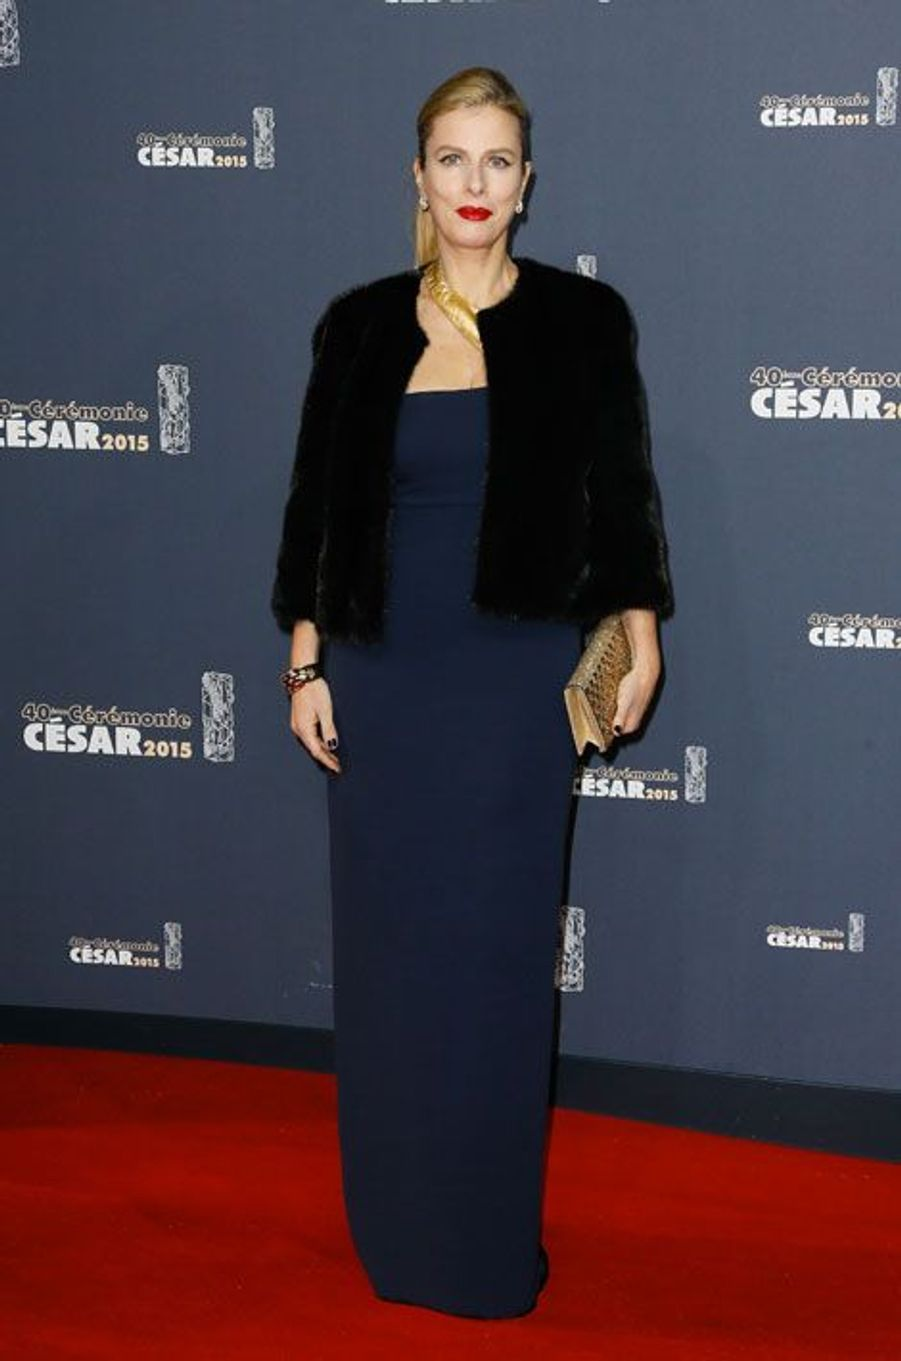 Karin Viard dans une robe de soie bleu marine Ralph Lauren lors de la cérémonie des César à Paris, le 20 février 2015